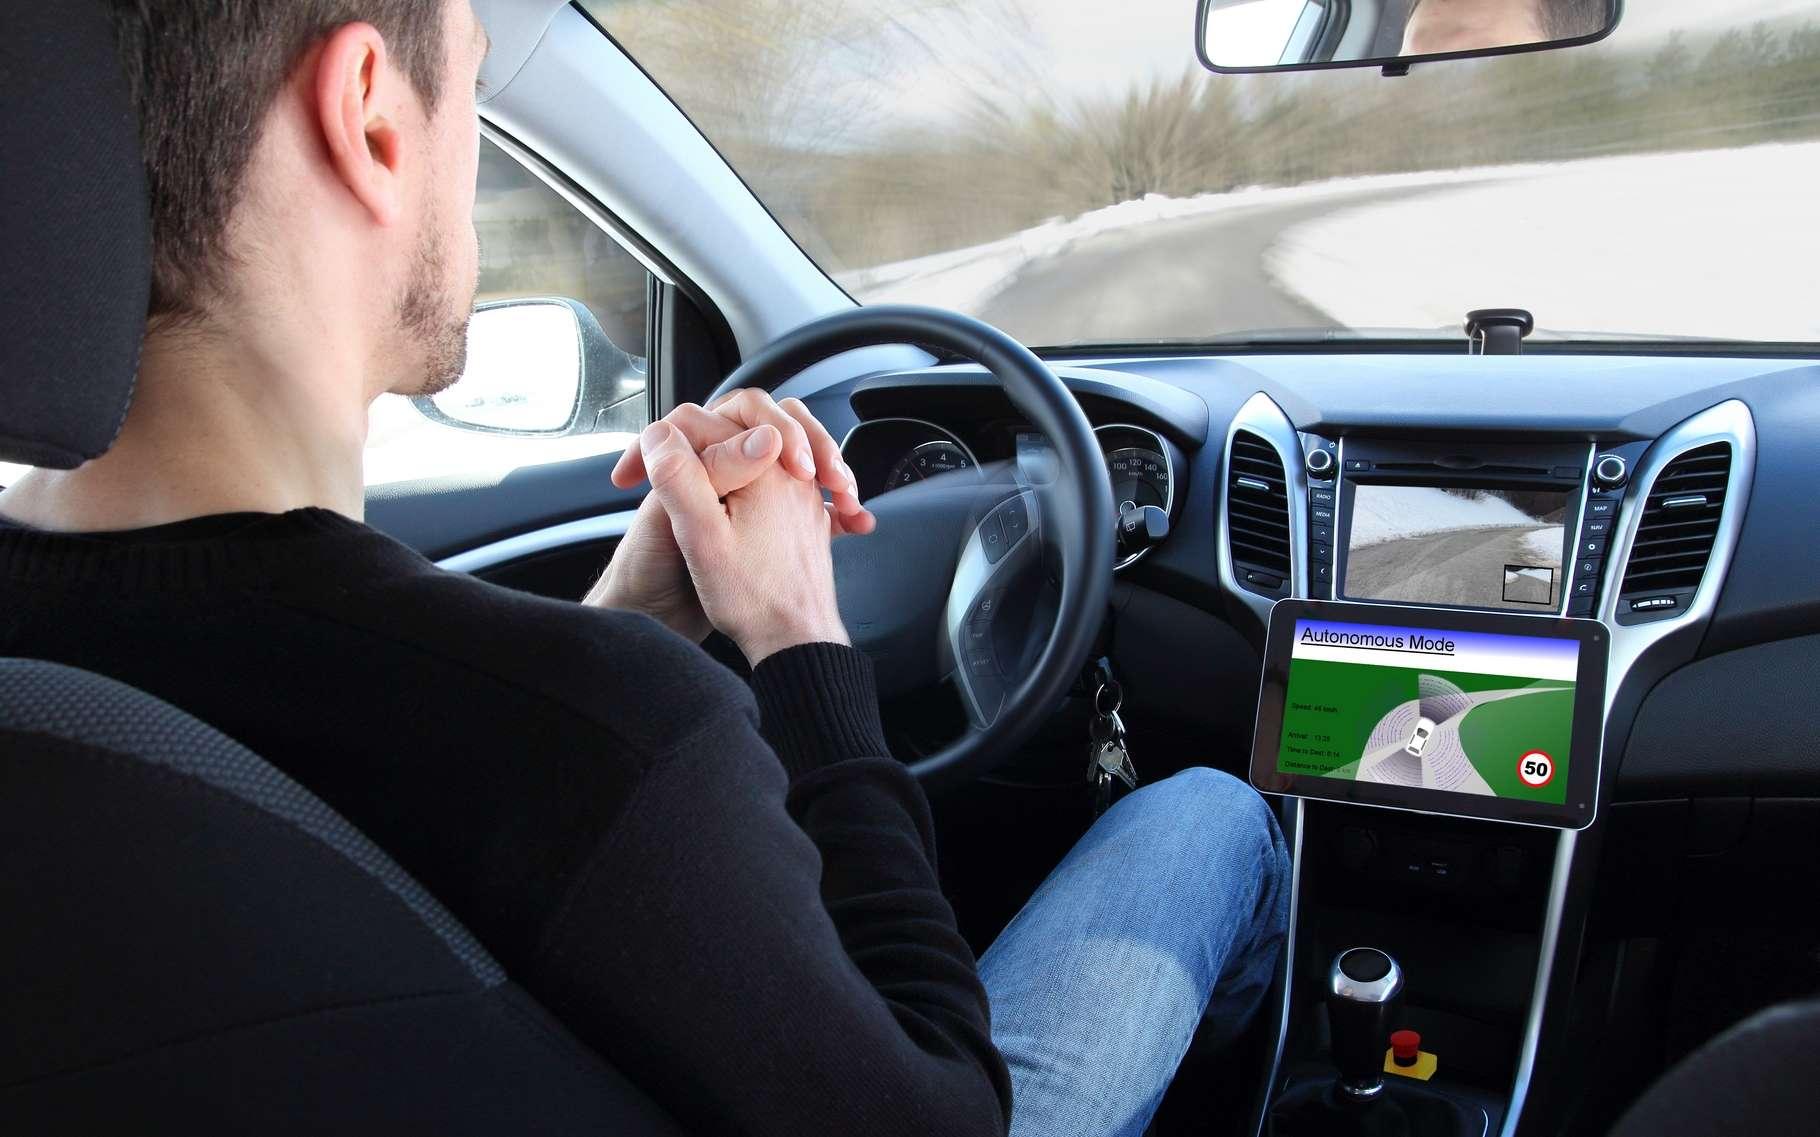 Les premières voitures autonomes pourraient être commercialisées dès 2020. © Riopatuca, Shutterstock